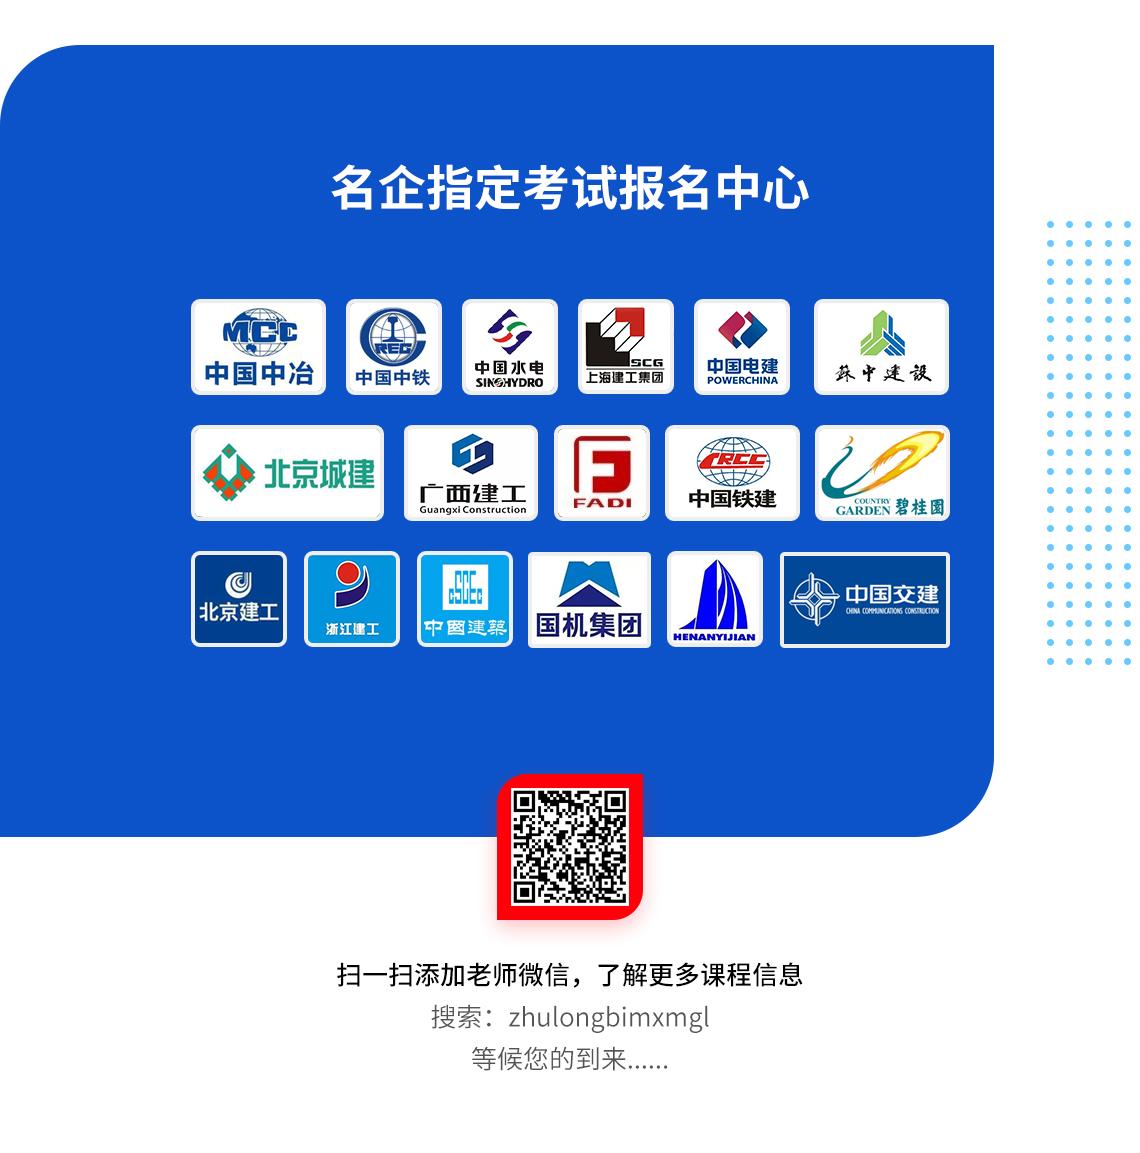 筑龙学社是各大名企的制定培训中心,包括:中国中冶、中国中铁、中国电建、中国铁建、中国建筑等等